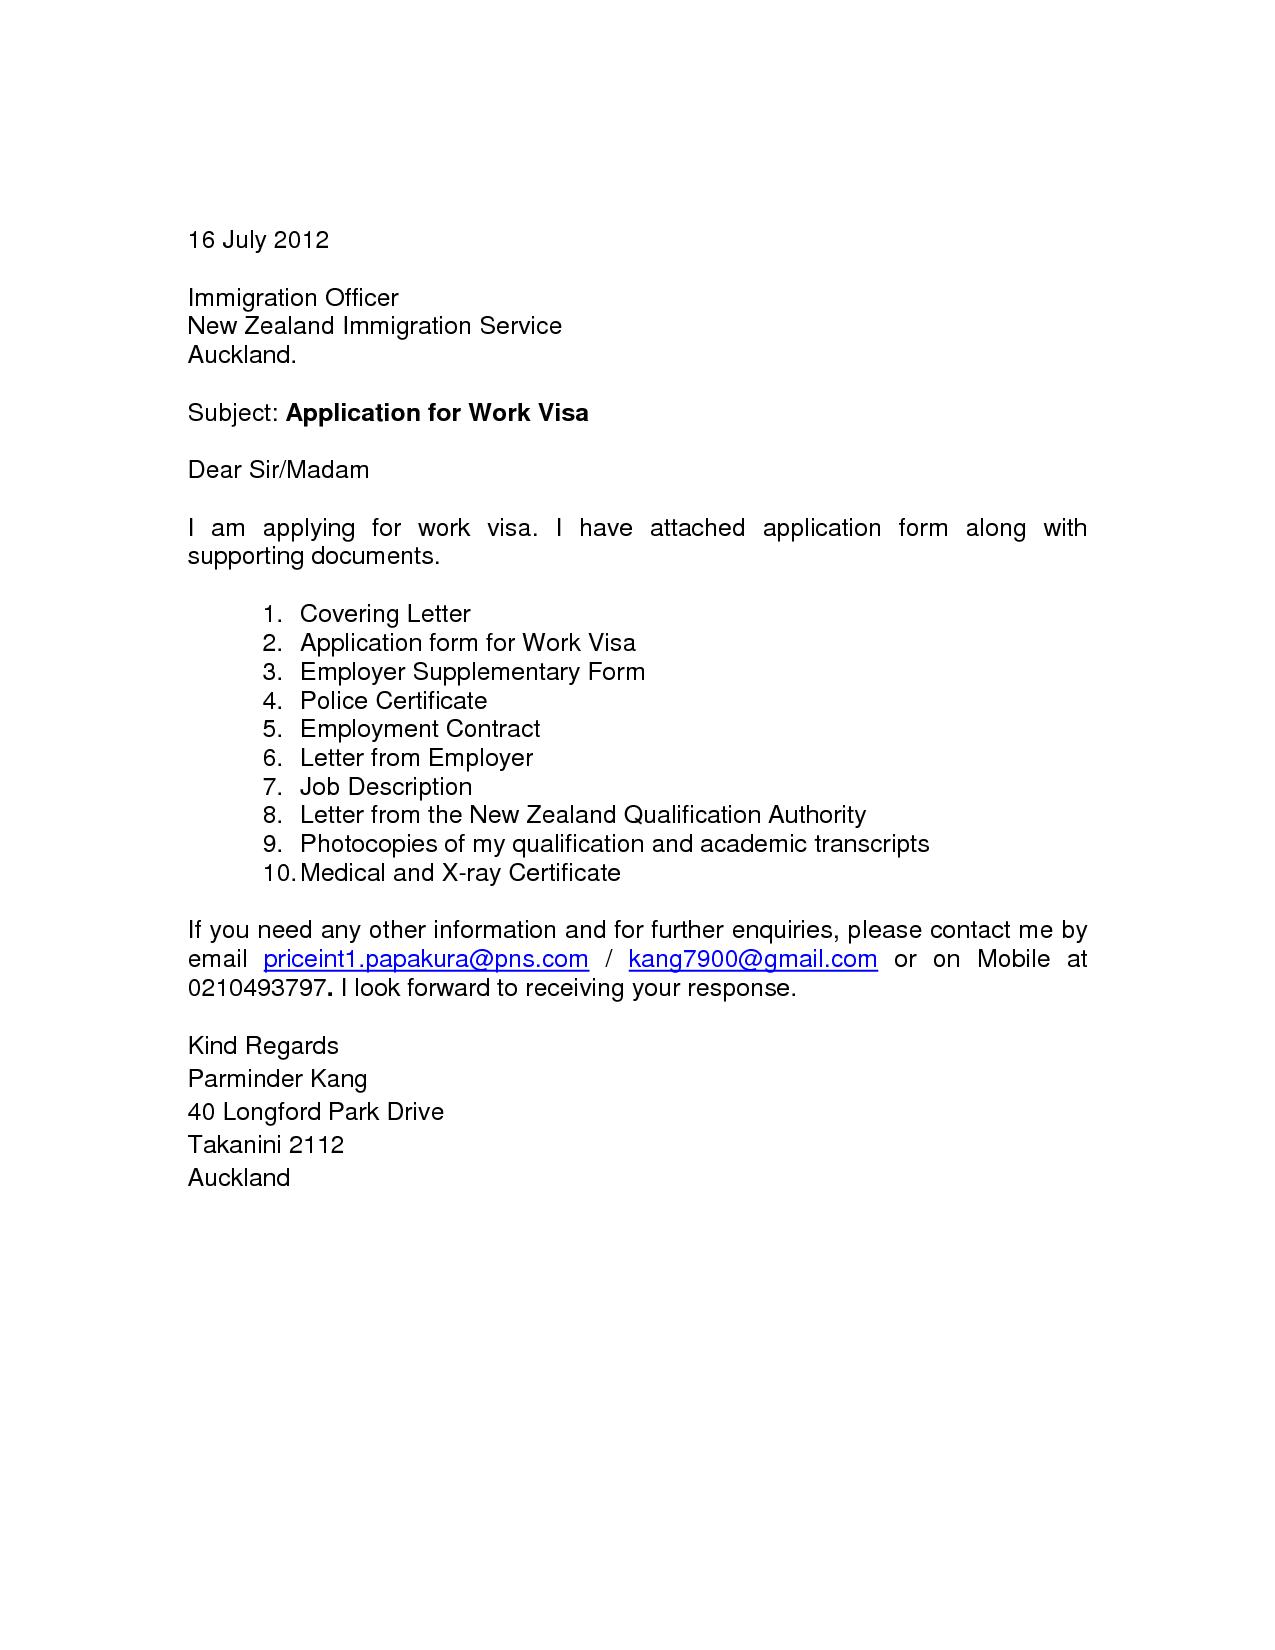 Tn visa sample letter of employment newsinvitation cover letter for visa application new zealand essay potna make youvisa sample spiritdancerdesigns Images